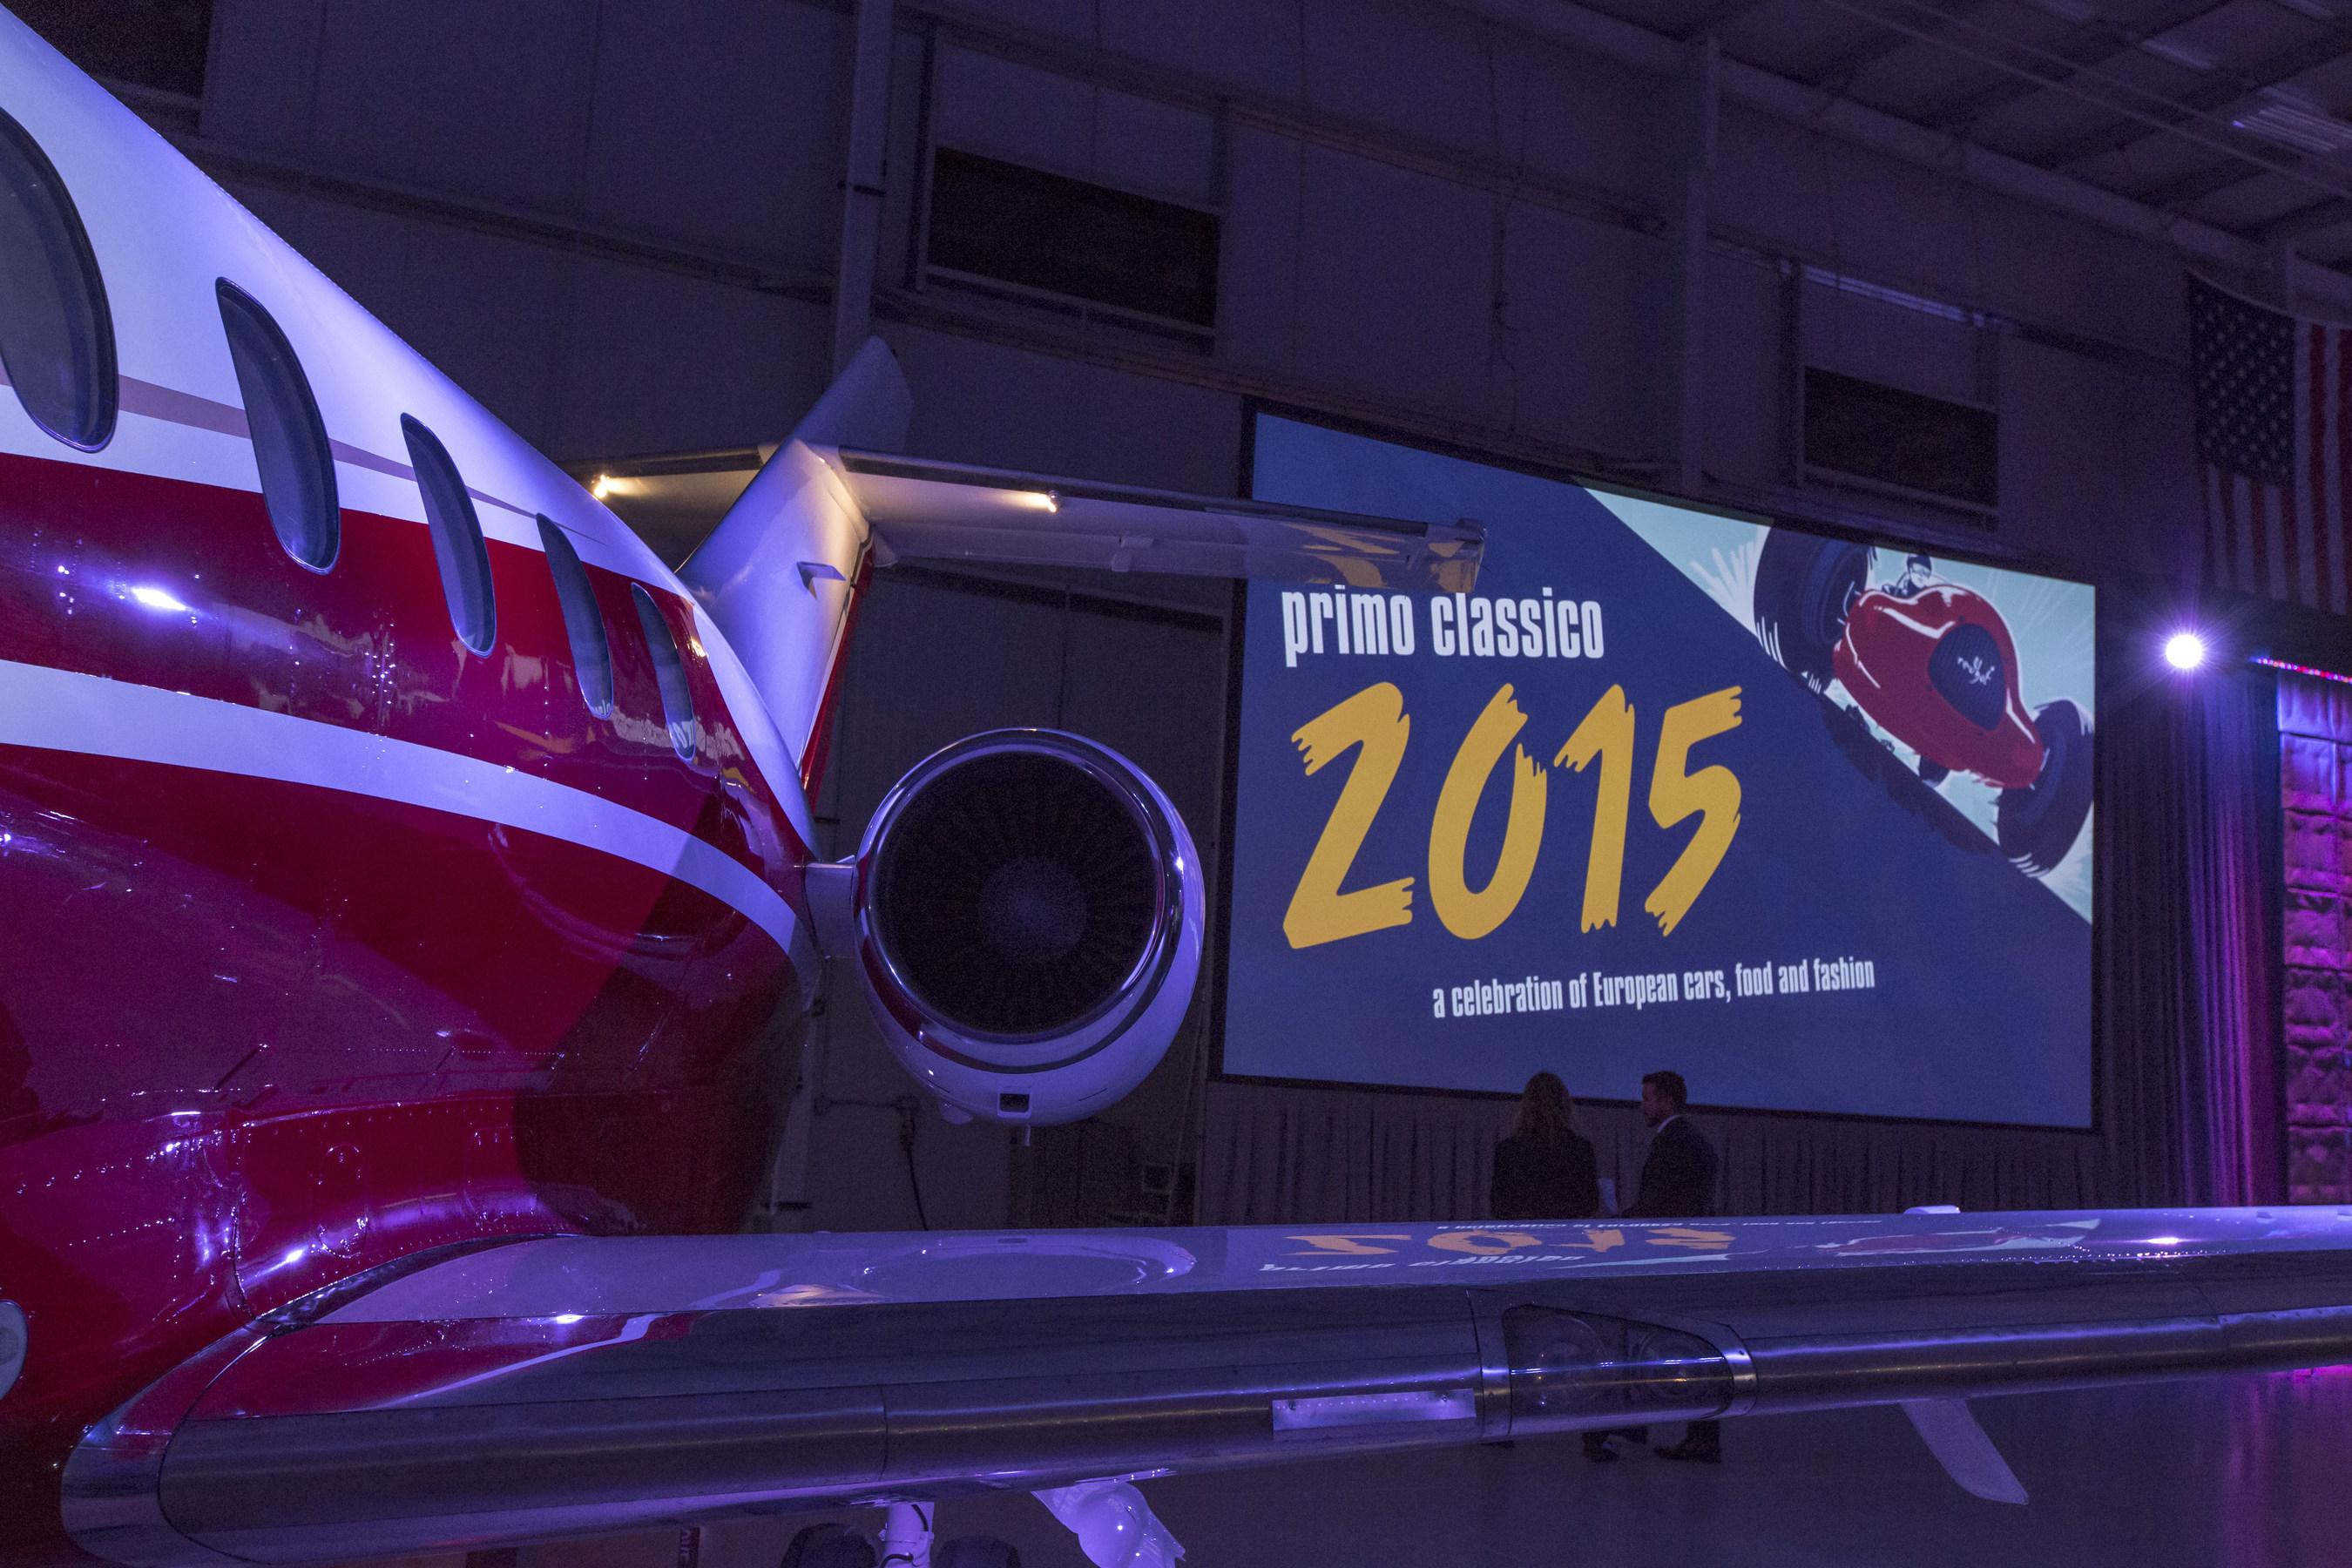 Qatar Airways Sponsors Primo Classico